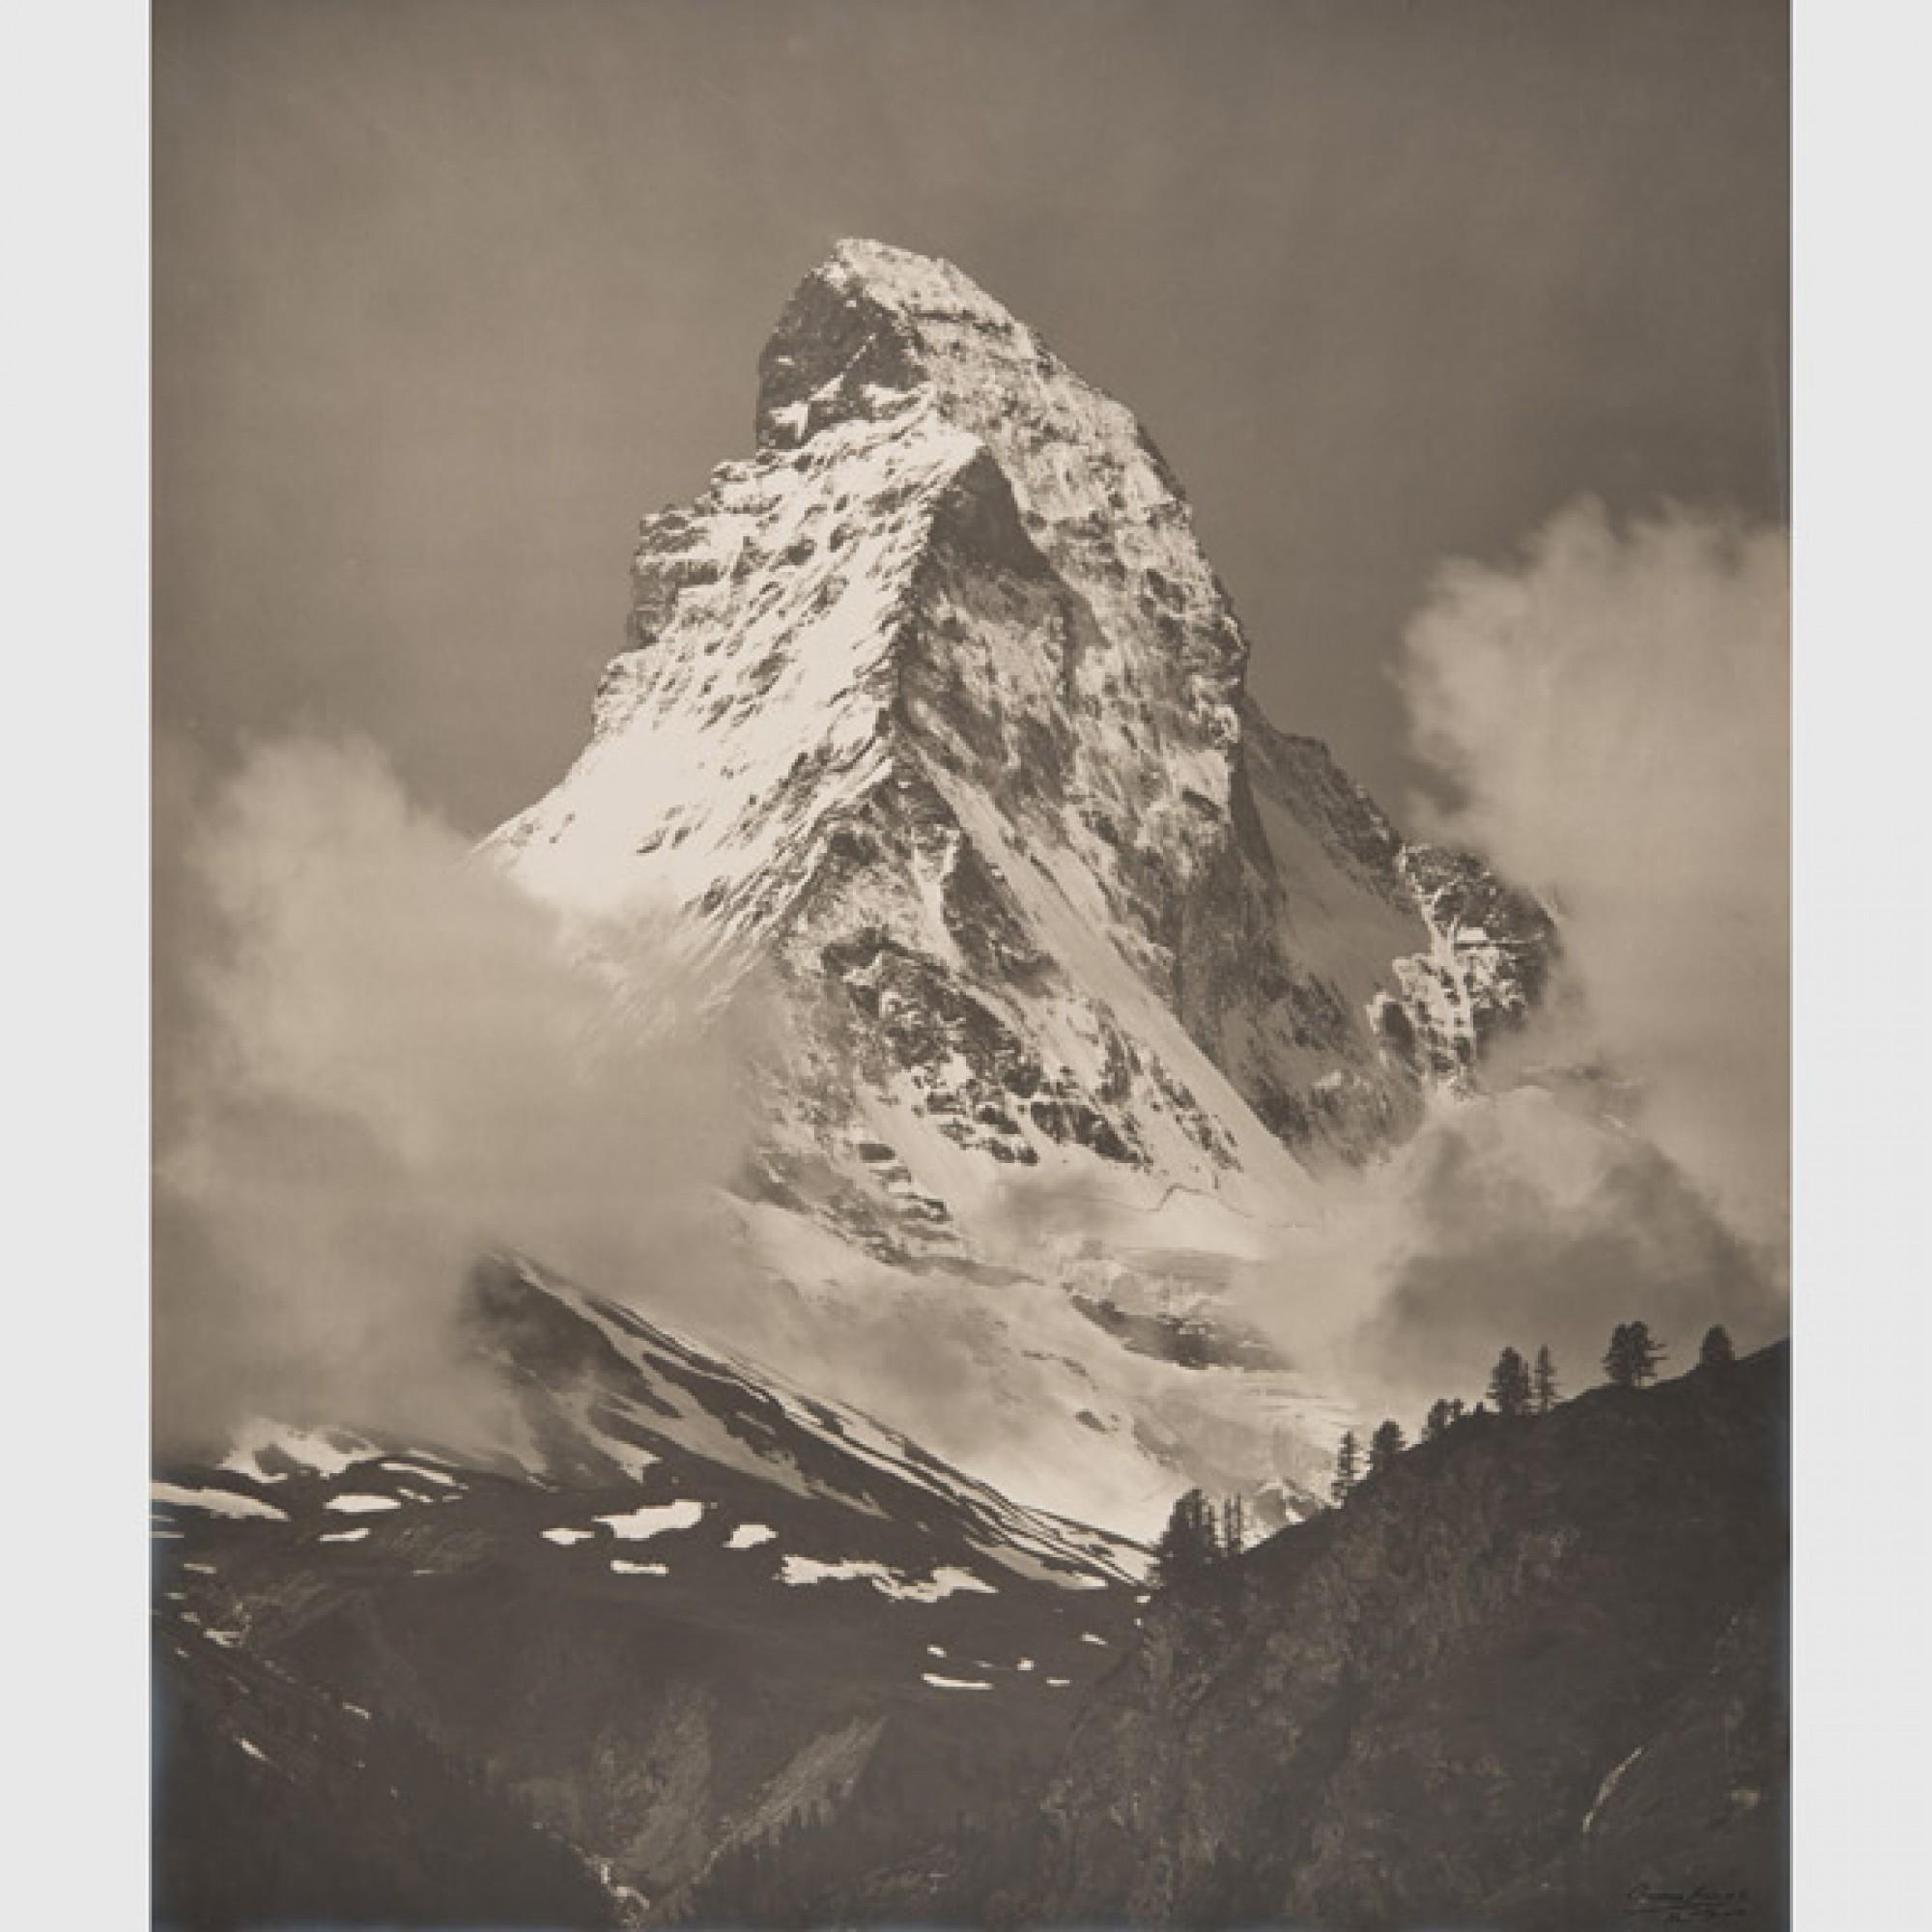 Charles Charnaux,  Das Matterhorn , 1910-1920. (Musée de l'Elysée, Lausanne. Sammlung des Musée d'Elysée)